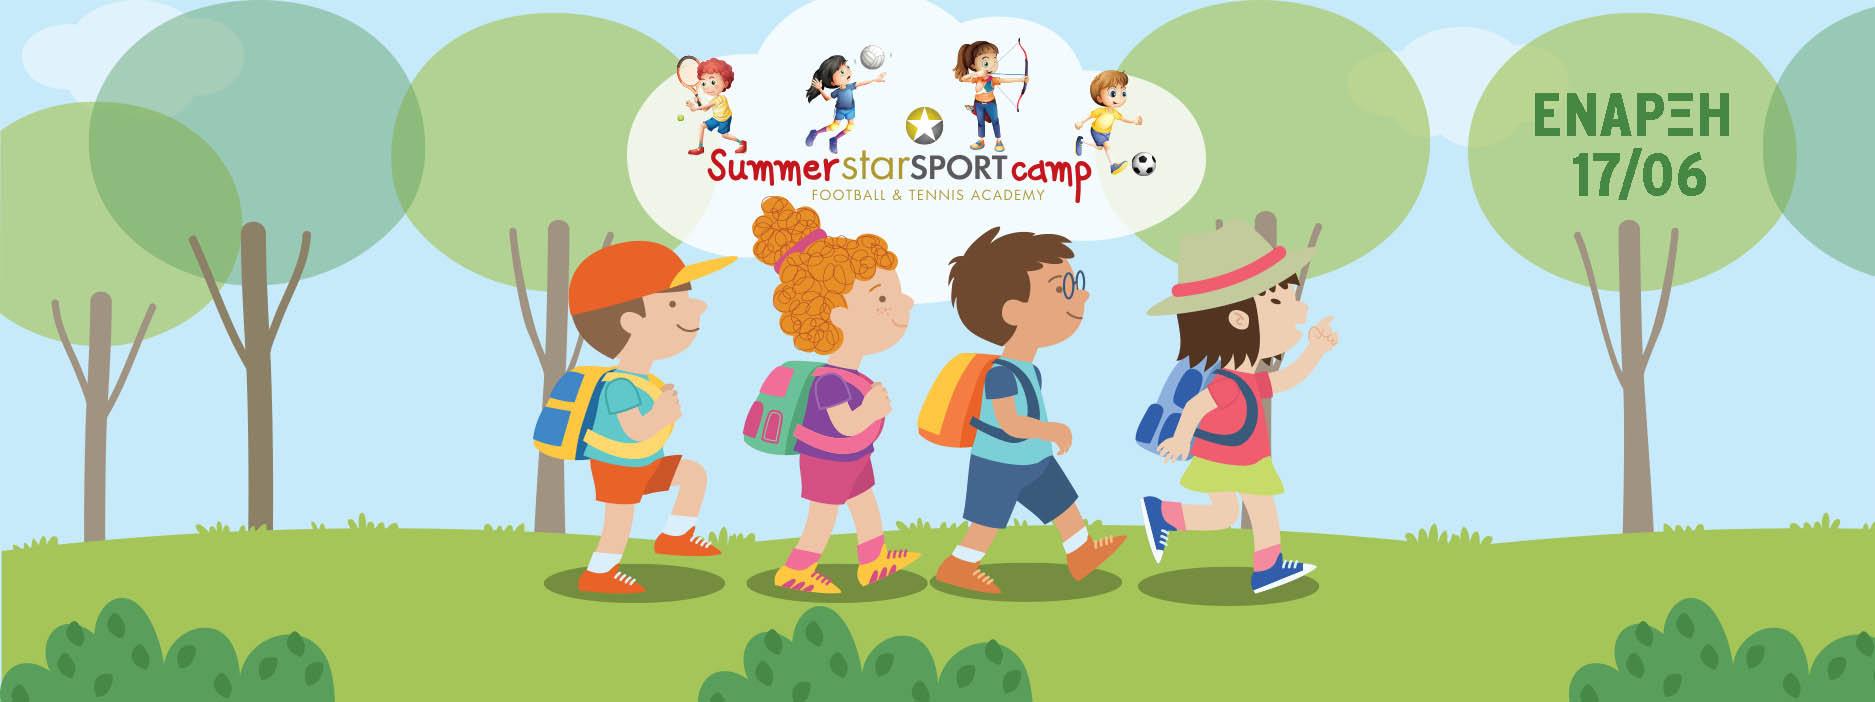 Summer Star Sport Club Camp